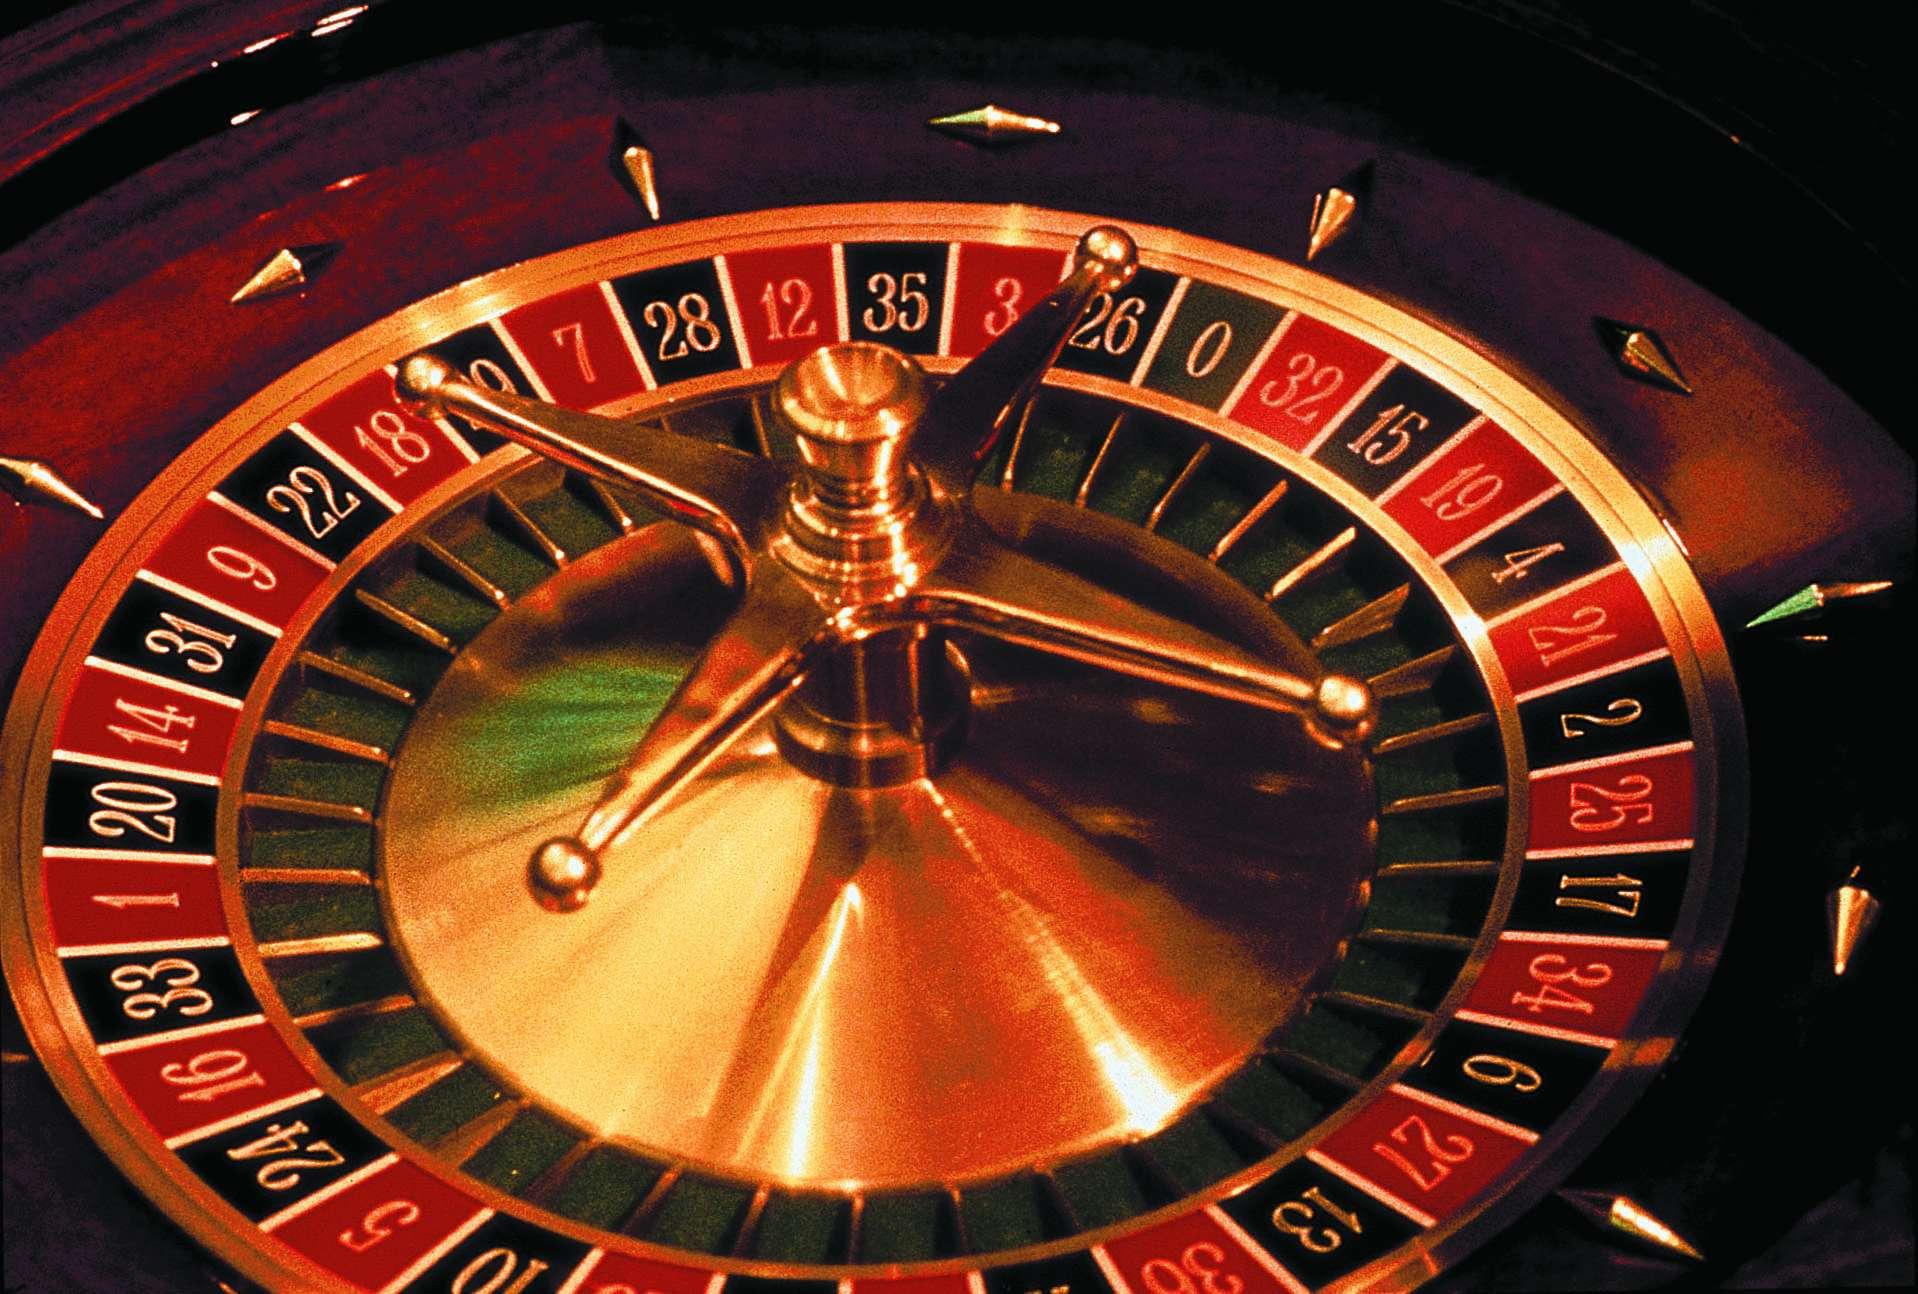 Jouer convenablement au blackjack grâce à casino-tropez-bonus.fr